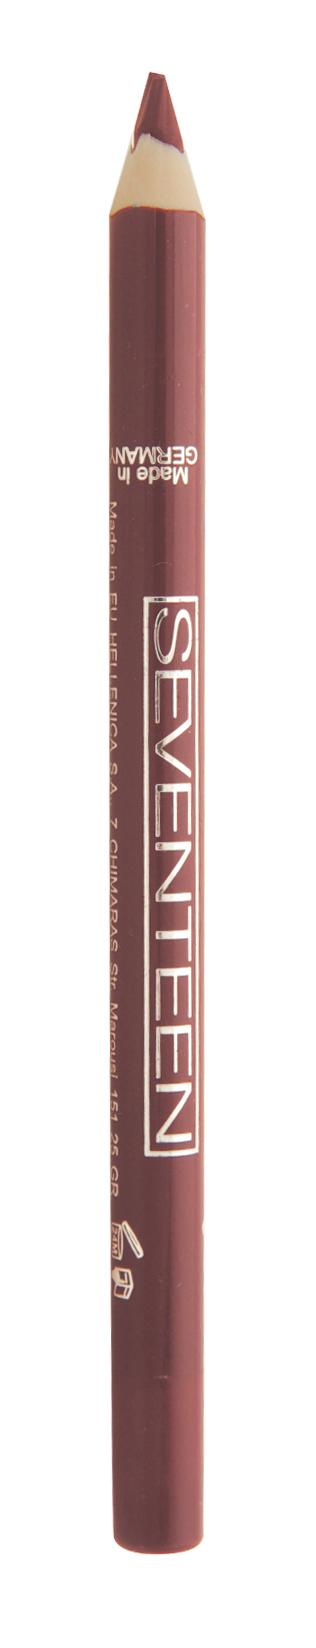 SEVENTEEN Карандаш водостойкий с витамином Е для губ, 03 натуральный / Super Smooth W/P Lip Liner 1,2 г